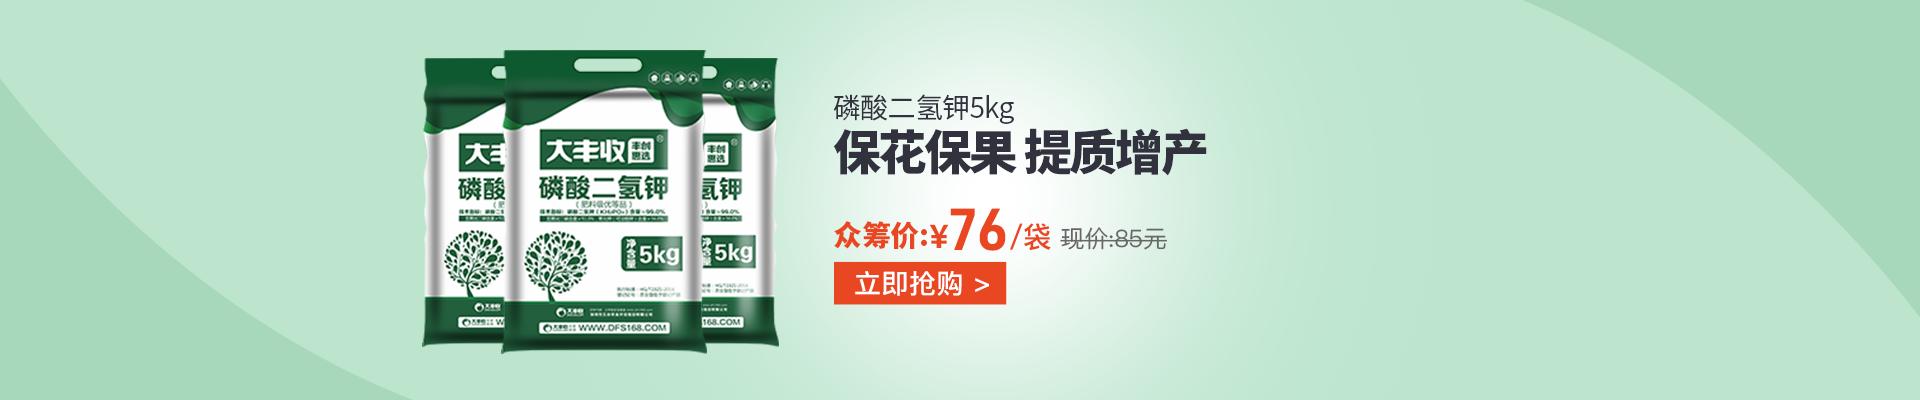 【6月】众筹-【丰创惠选】丰灵佳 磷酸二氢钾5kg5kg*8袋